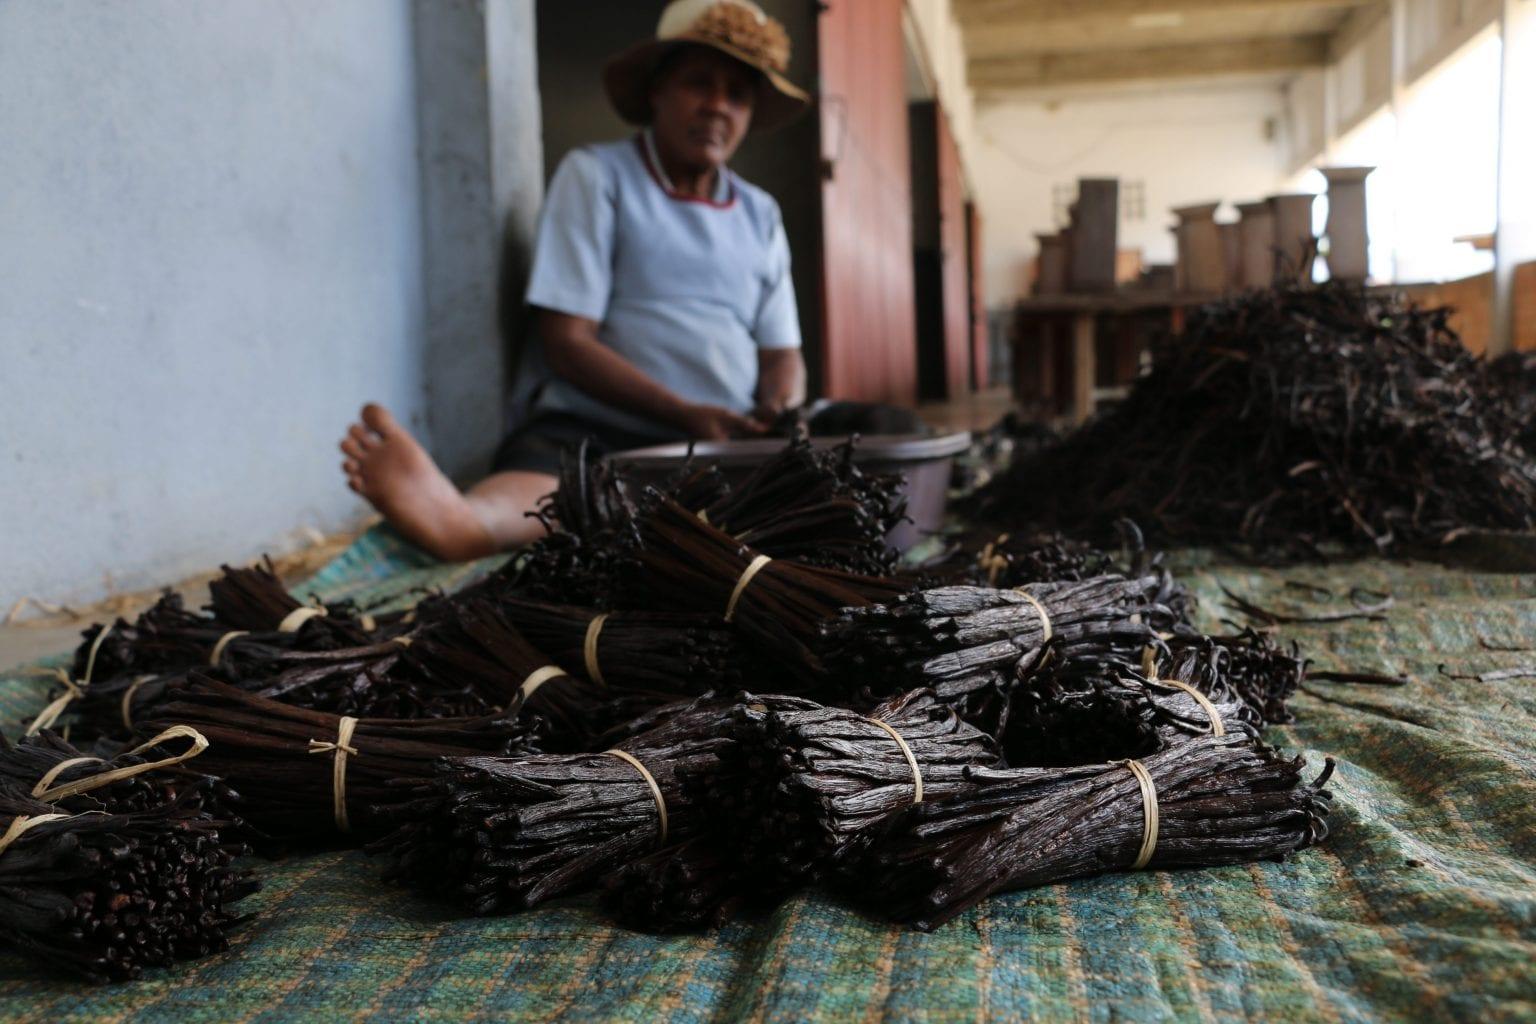 Vanilje, der sælges i danske supermarkeder, kan være hælervarer eller vanilje dyrket med ulovligt børnearbejde. Foto: Per Lykke Lind/Danwatch